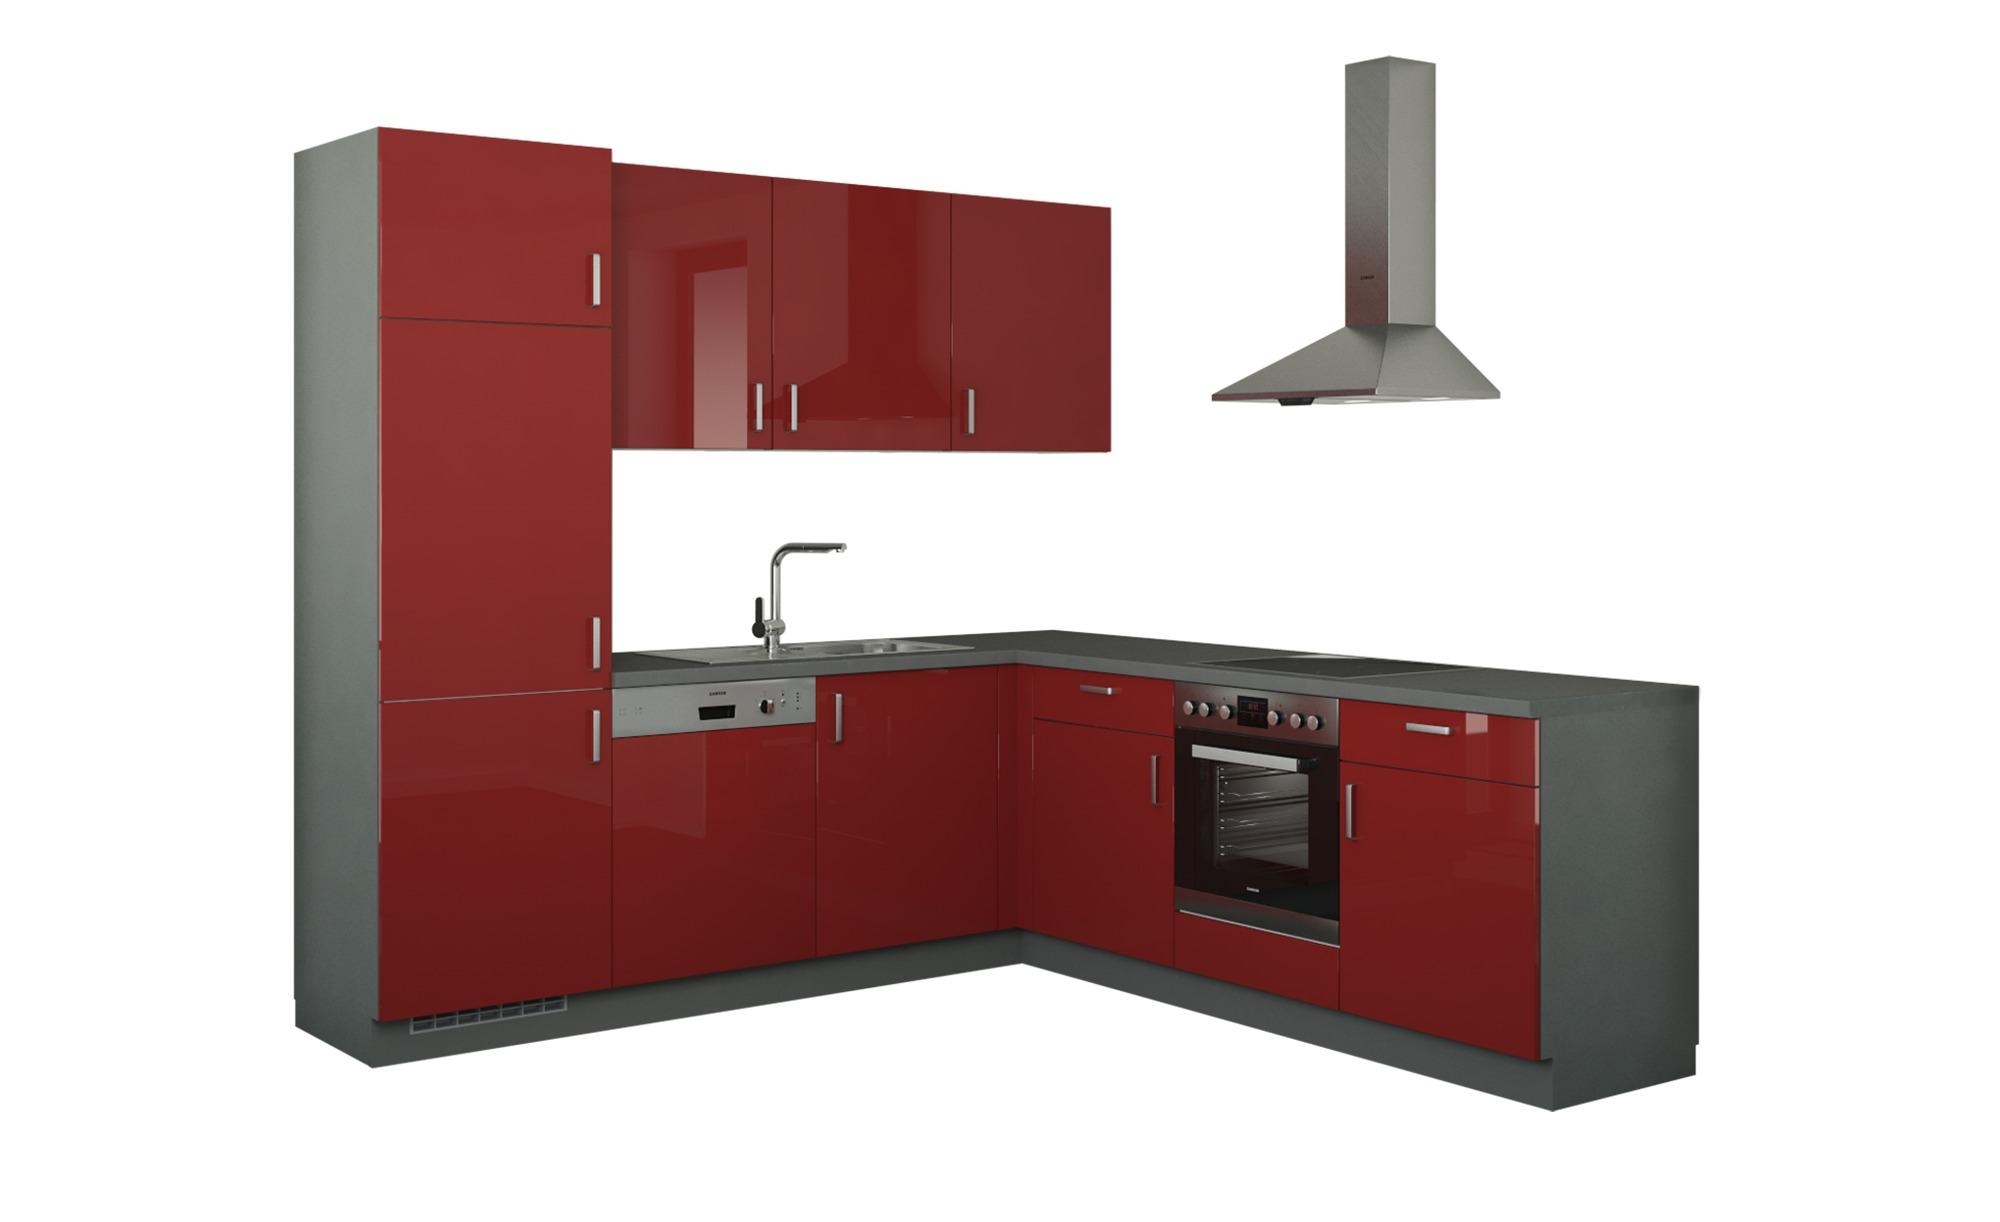 Winkelküche ohne Elektrogeräte  Stuttgart ¦ rot Küchen > Küchenblöcke - Höffner | Küche und Esszimmer > Küchen > Winkelküchen | Rot | Holzwerkstoff | Möbel Höffner DE